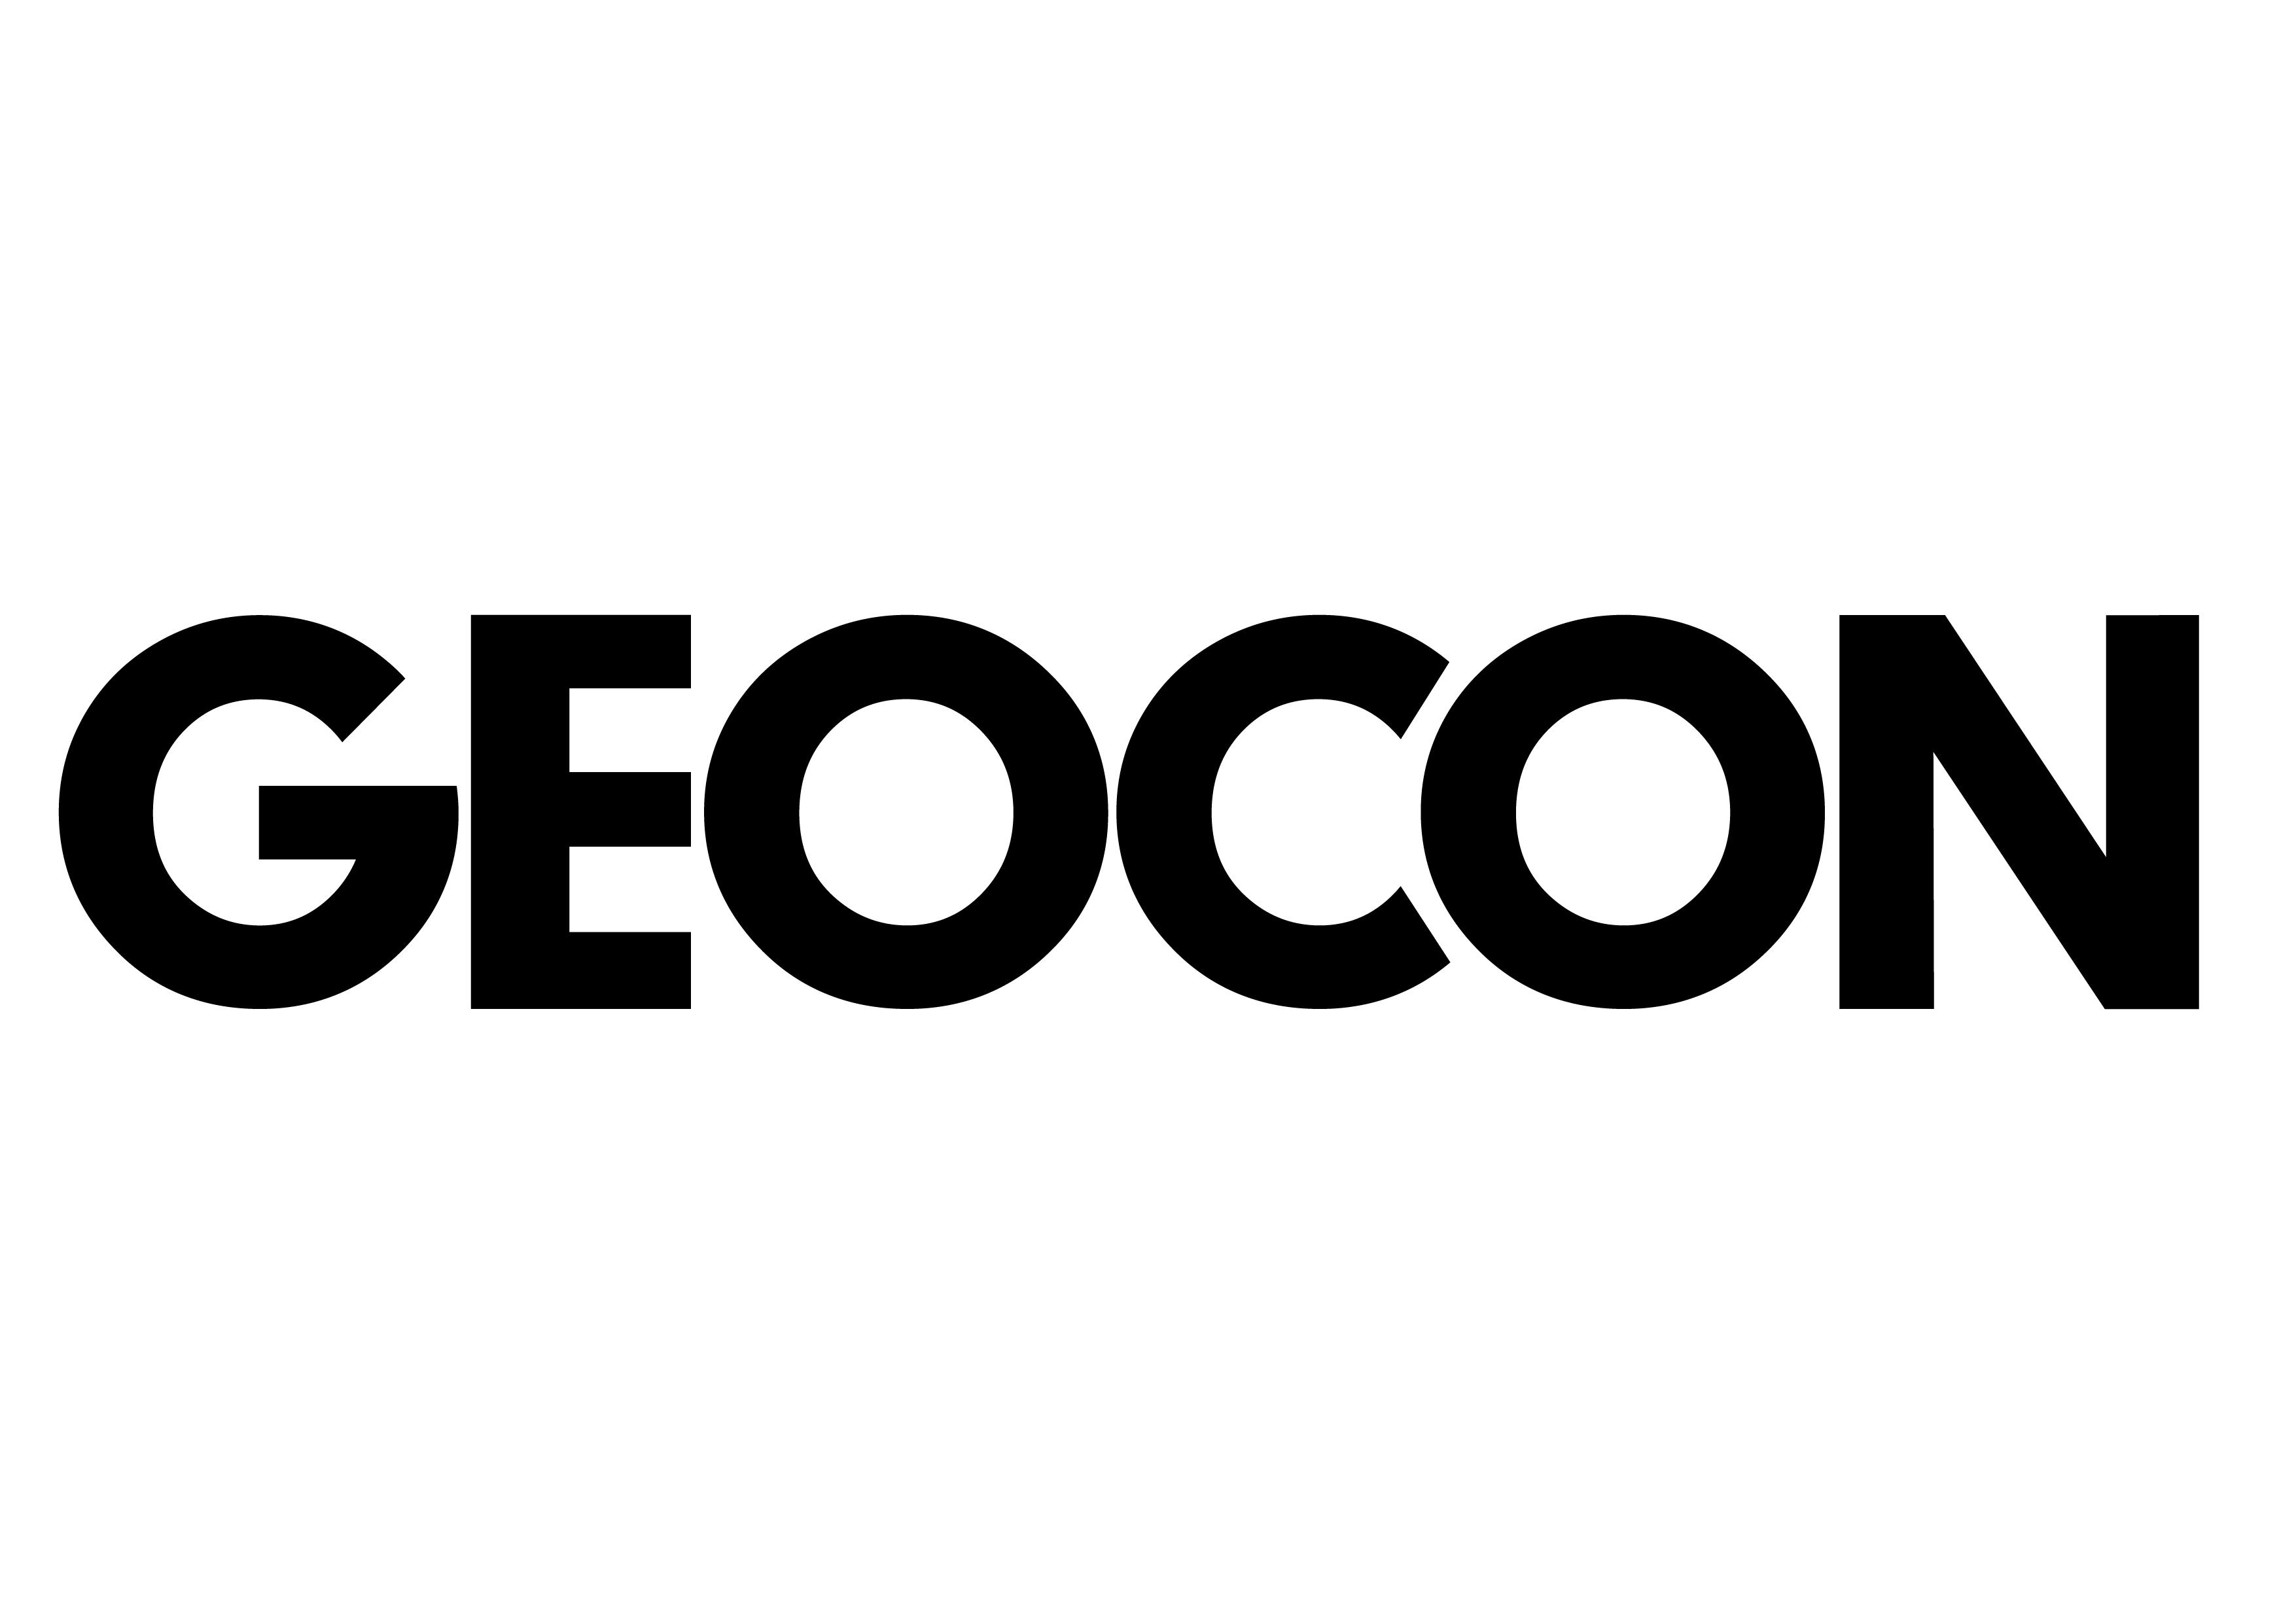 Geocon_Logo_BLACK_Nobuilding-01